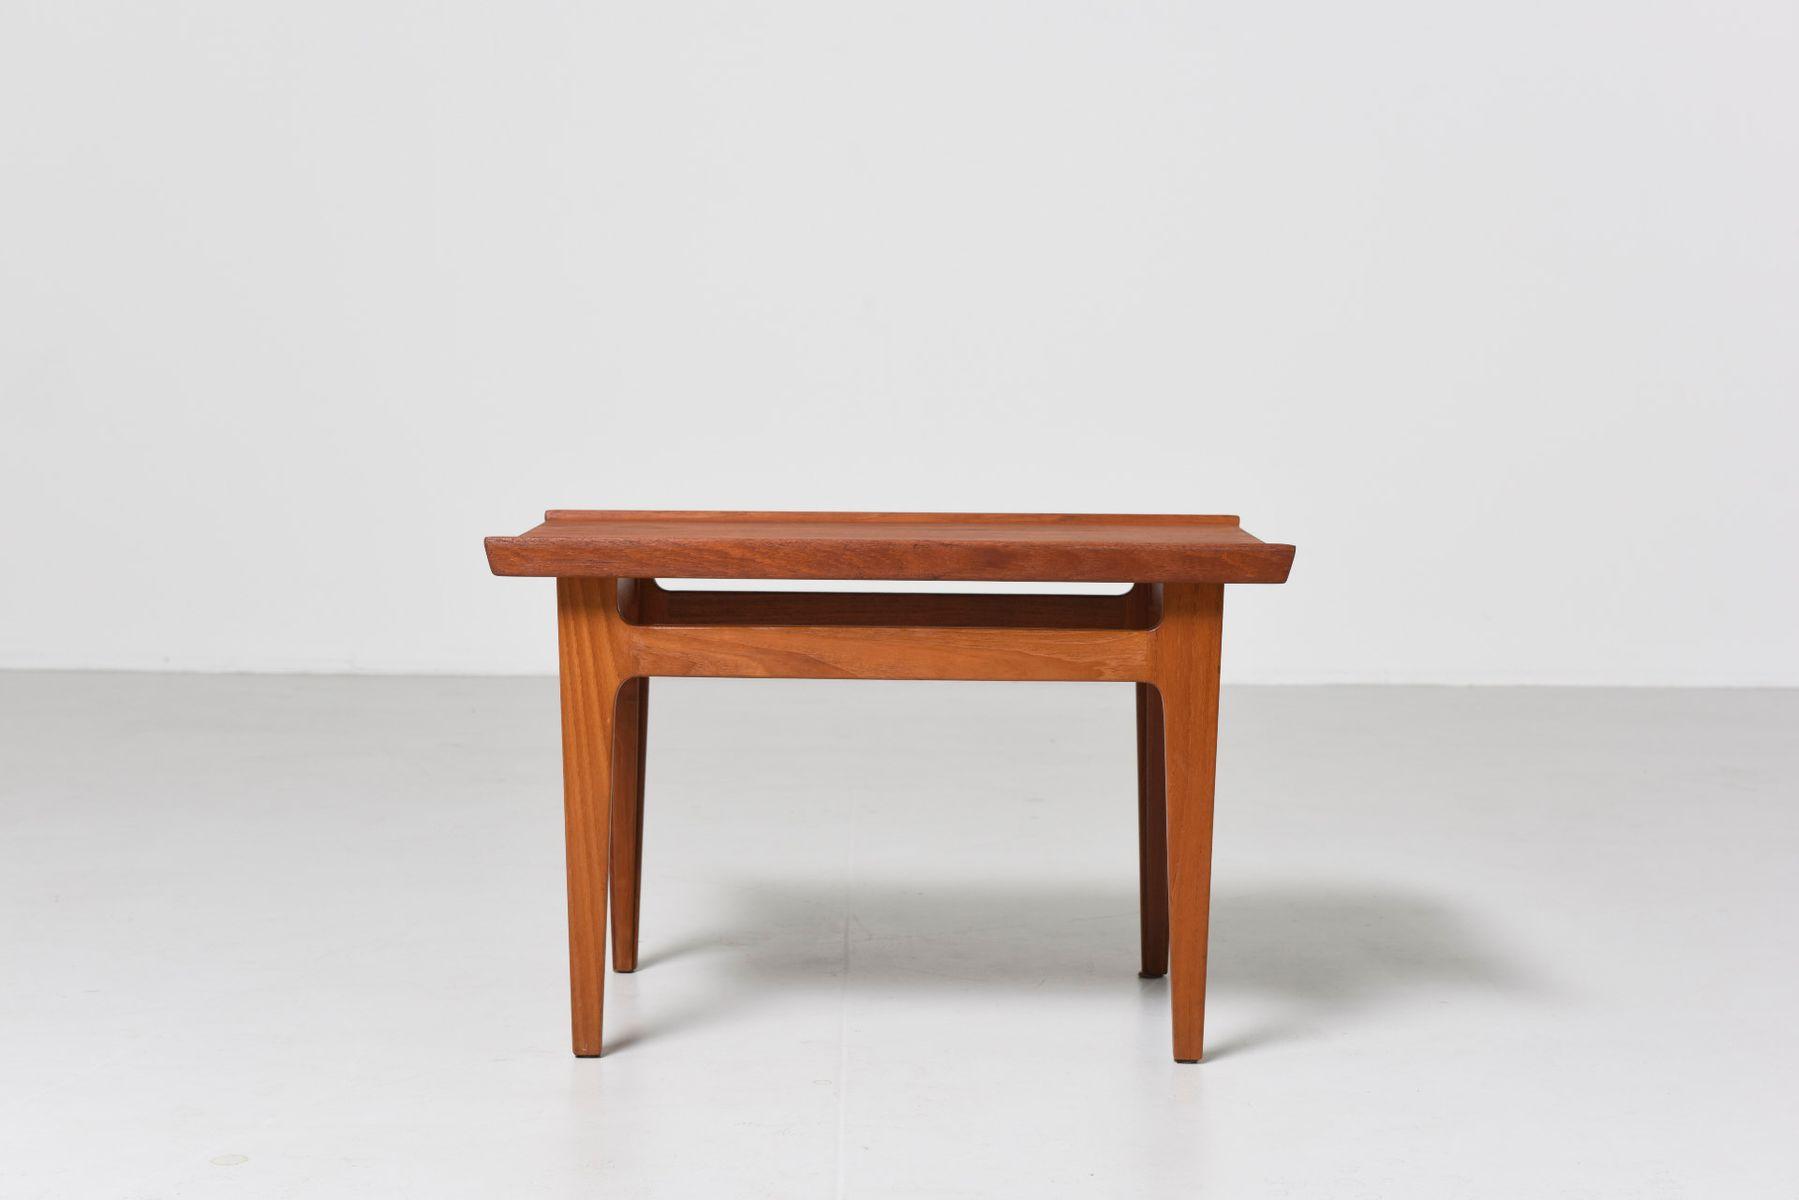 Vintage Side Table In Teak By Finn Juhl For France Søn